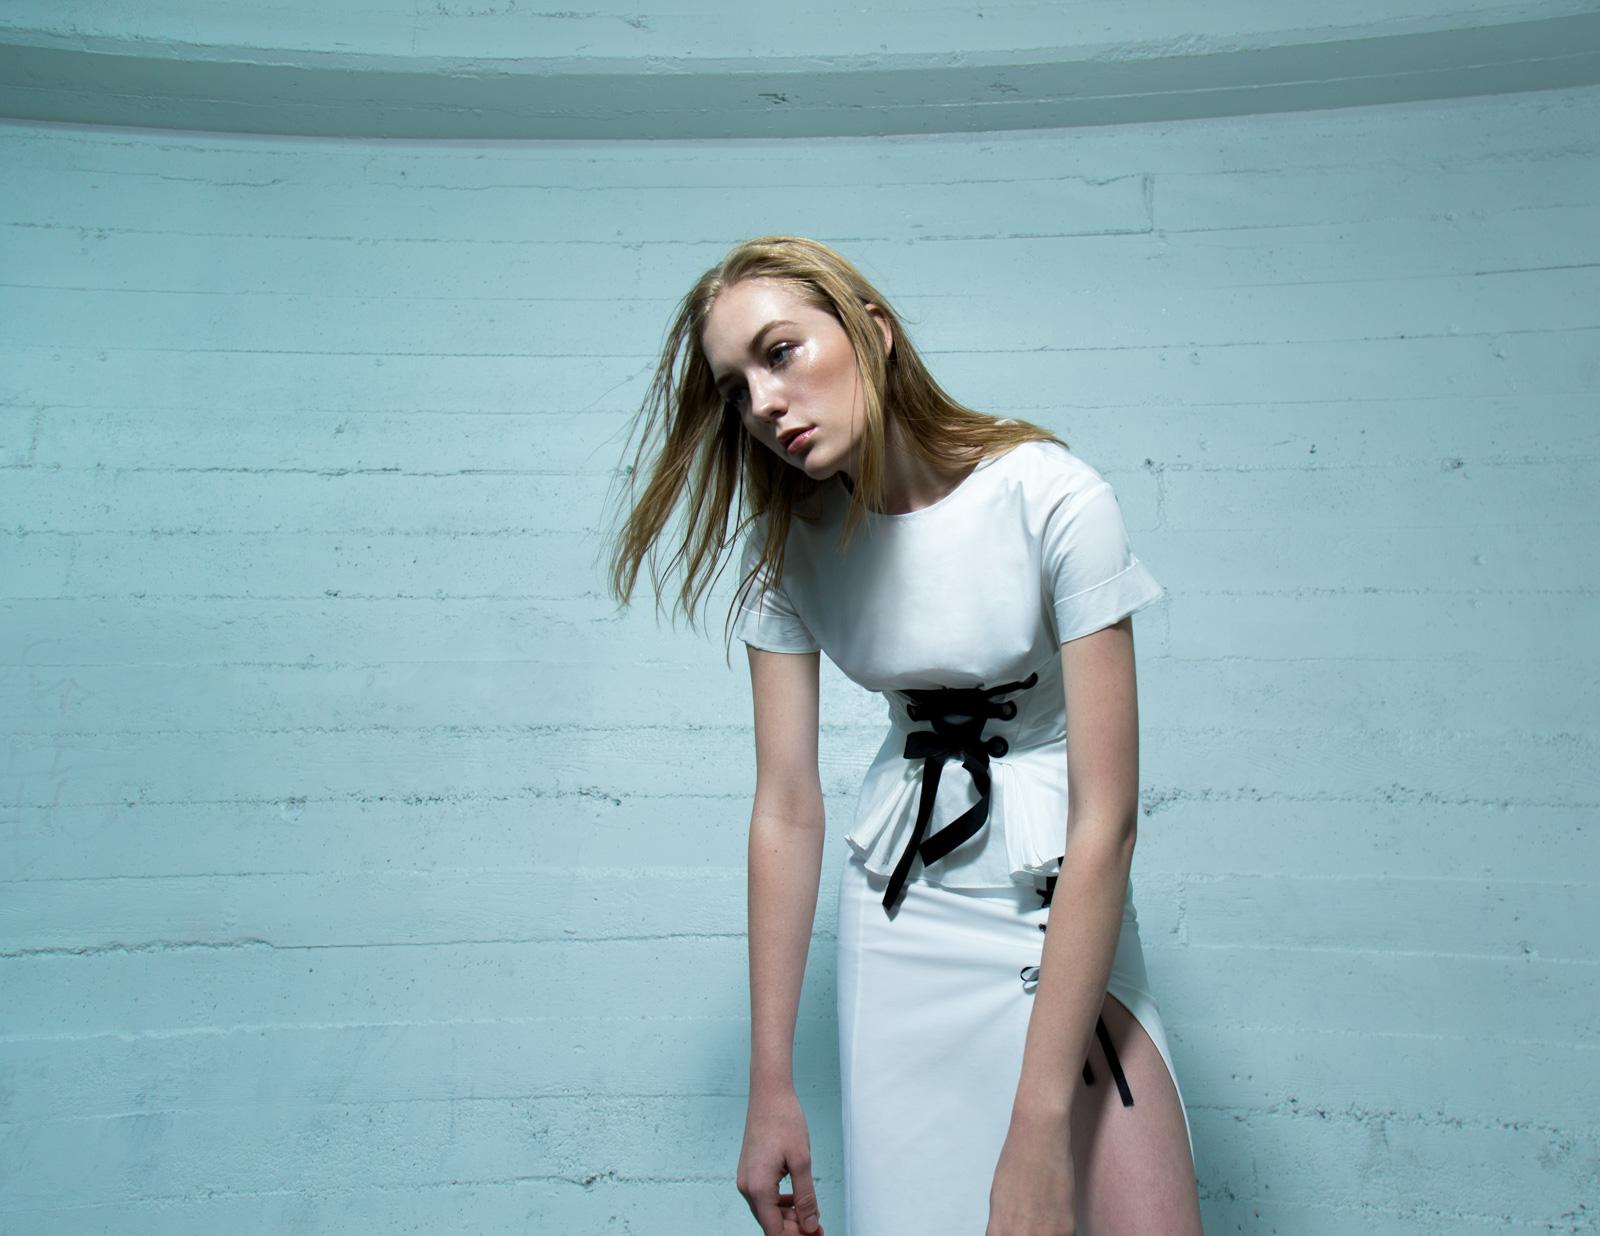 Alvarez_Amanda_Fashion_Shut_Eye_-1.jpg